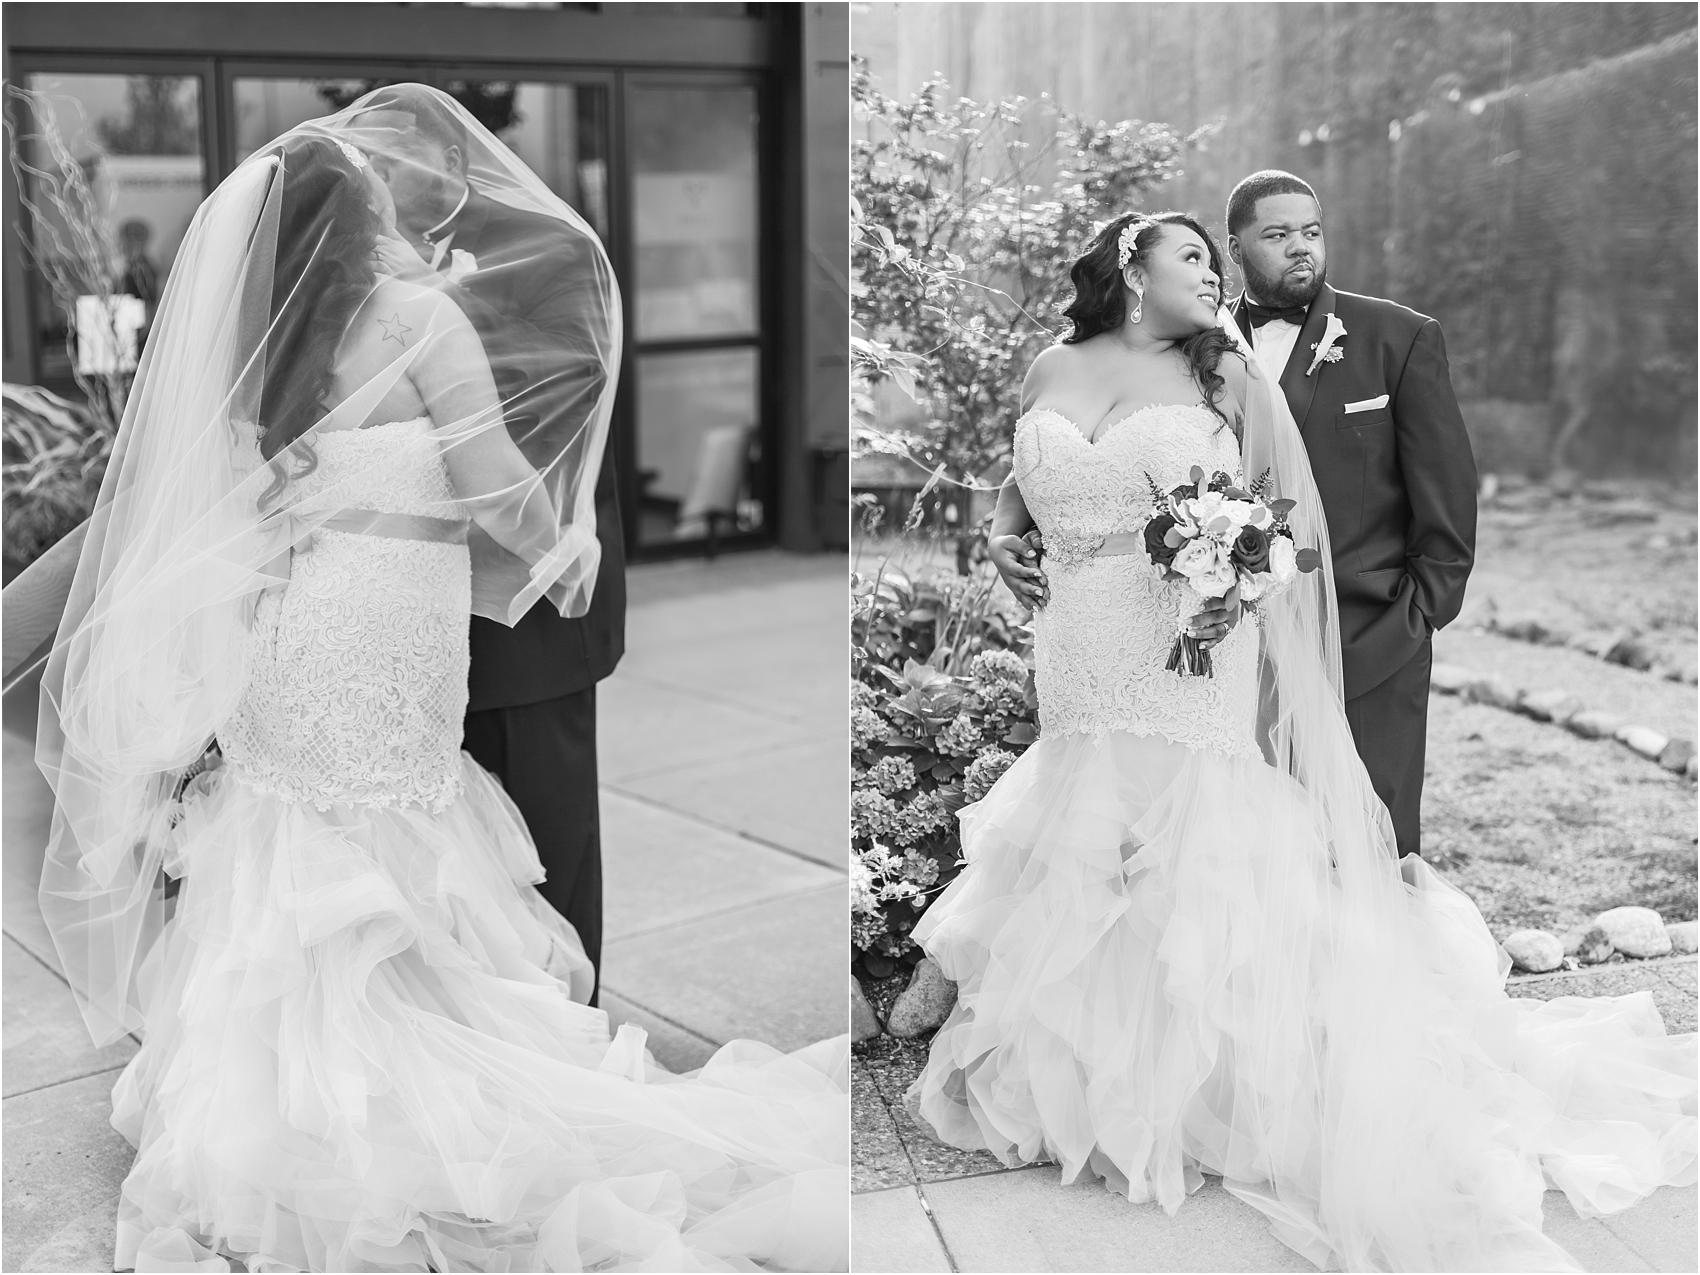 minimalist-and-modern-wedding-photos-at-30-north-saginaw-in-pontiac-michigan-by-courtney-carolyn-photography_0070.jpg